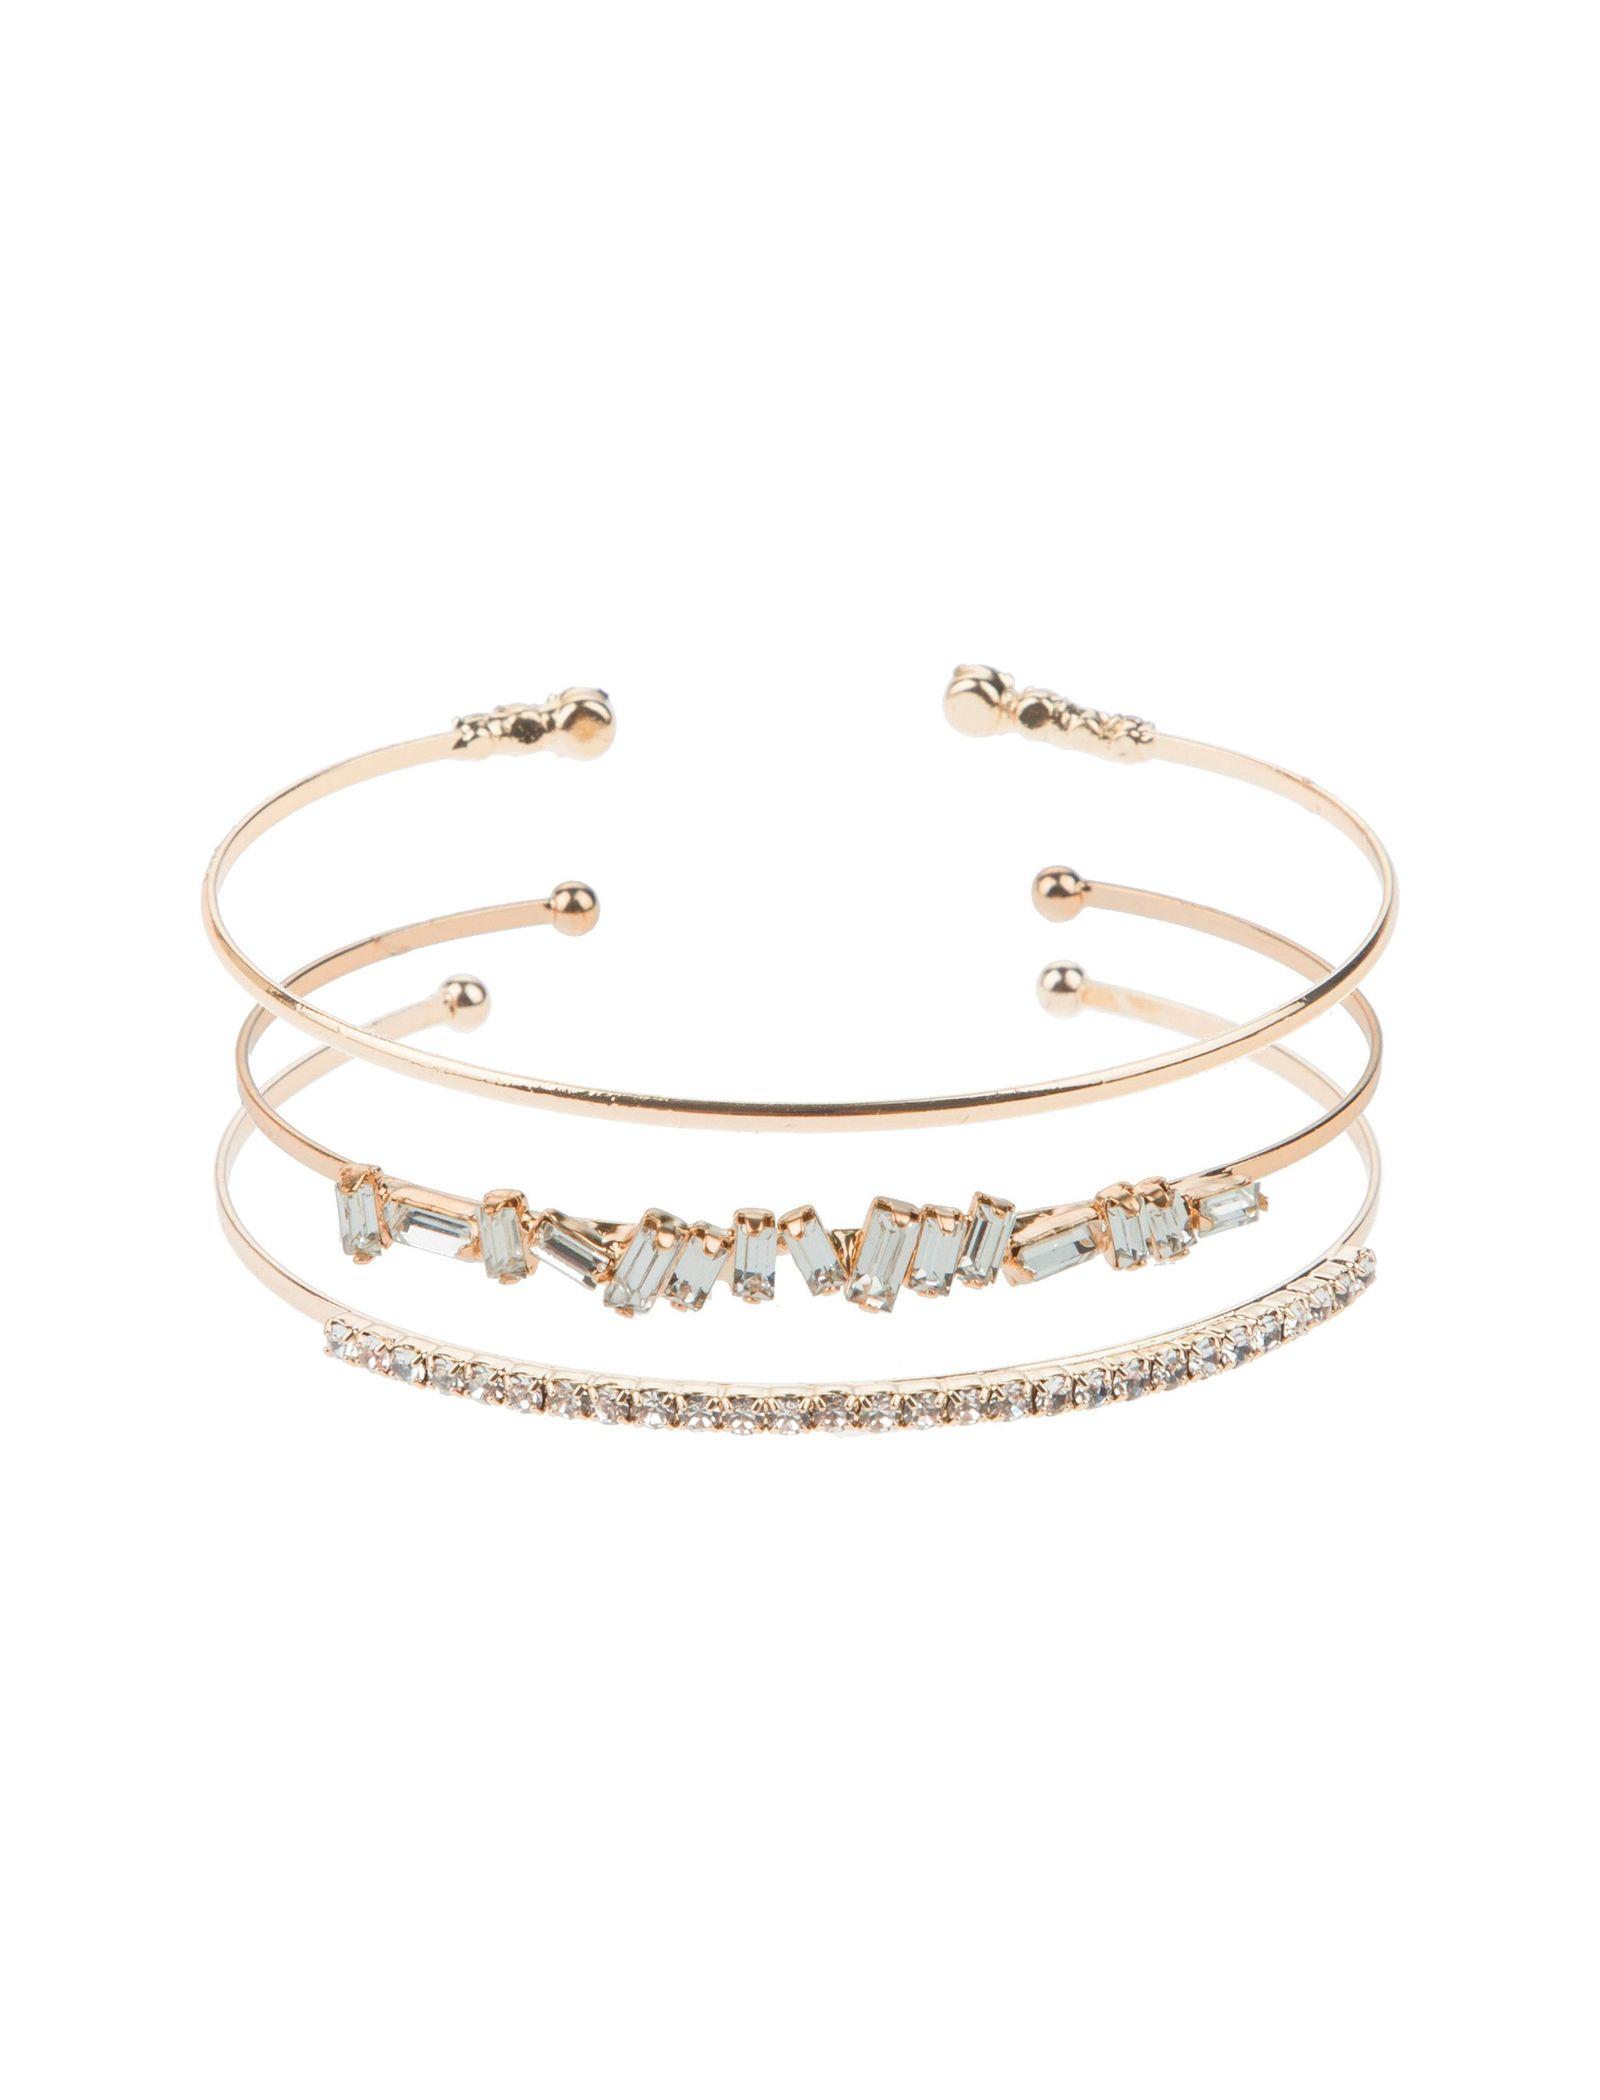 دستبند النگویی زنانه بسته 3 عددی - آلدو تک سایز - طلايي - 1